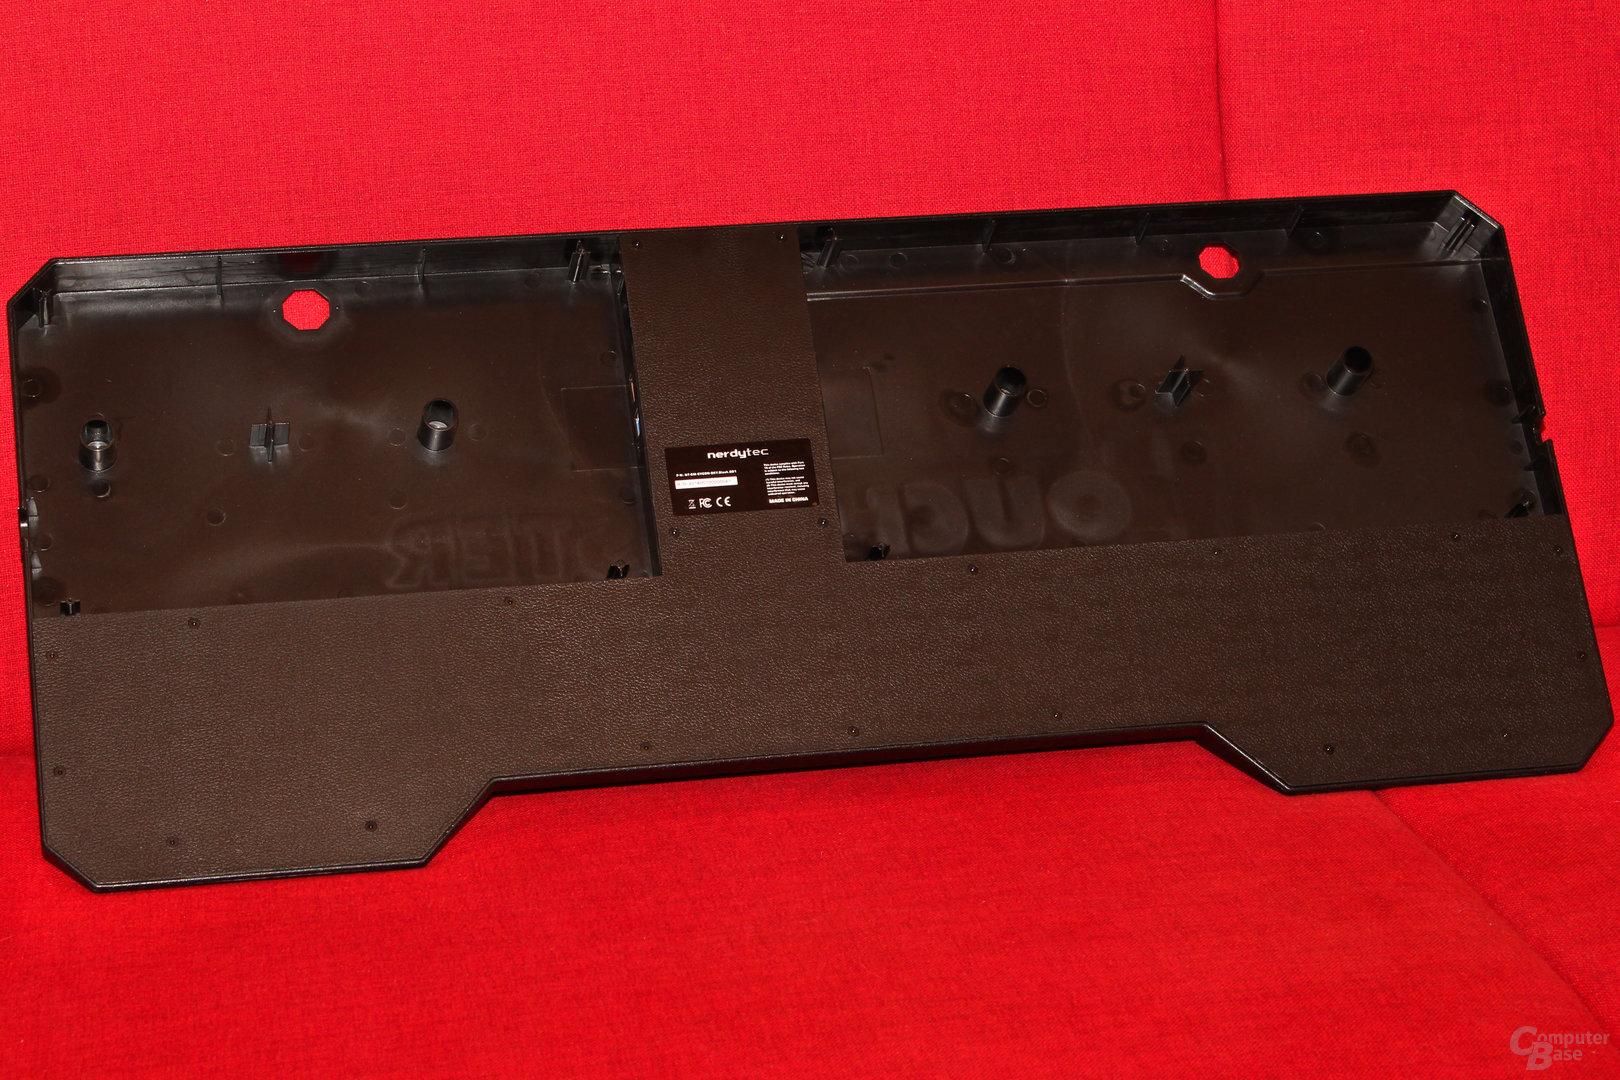 Die Kabel für Maus und Tastatur können getrennt verlegt werden